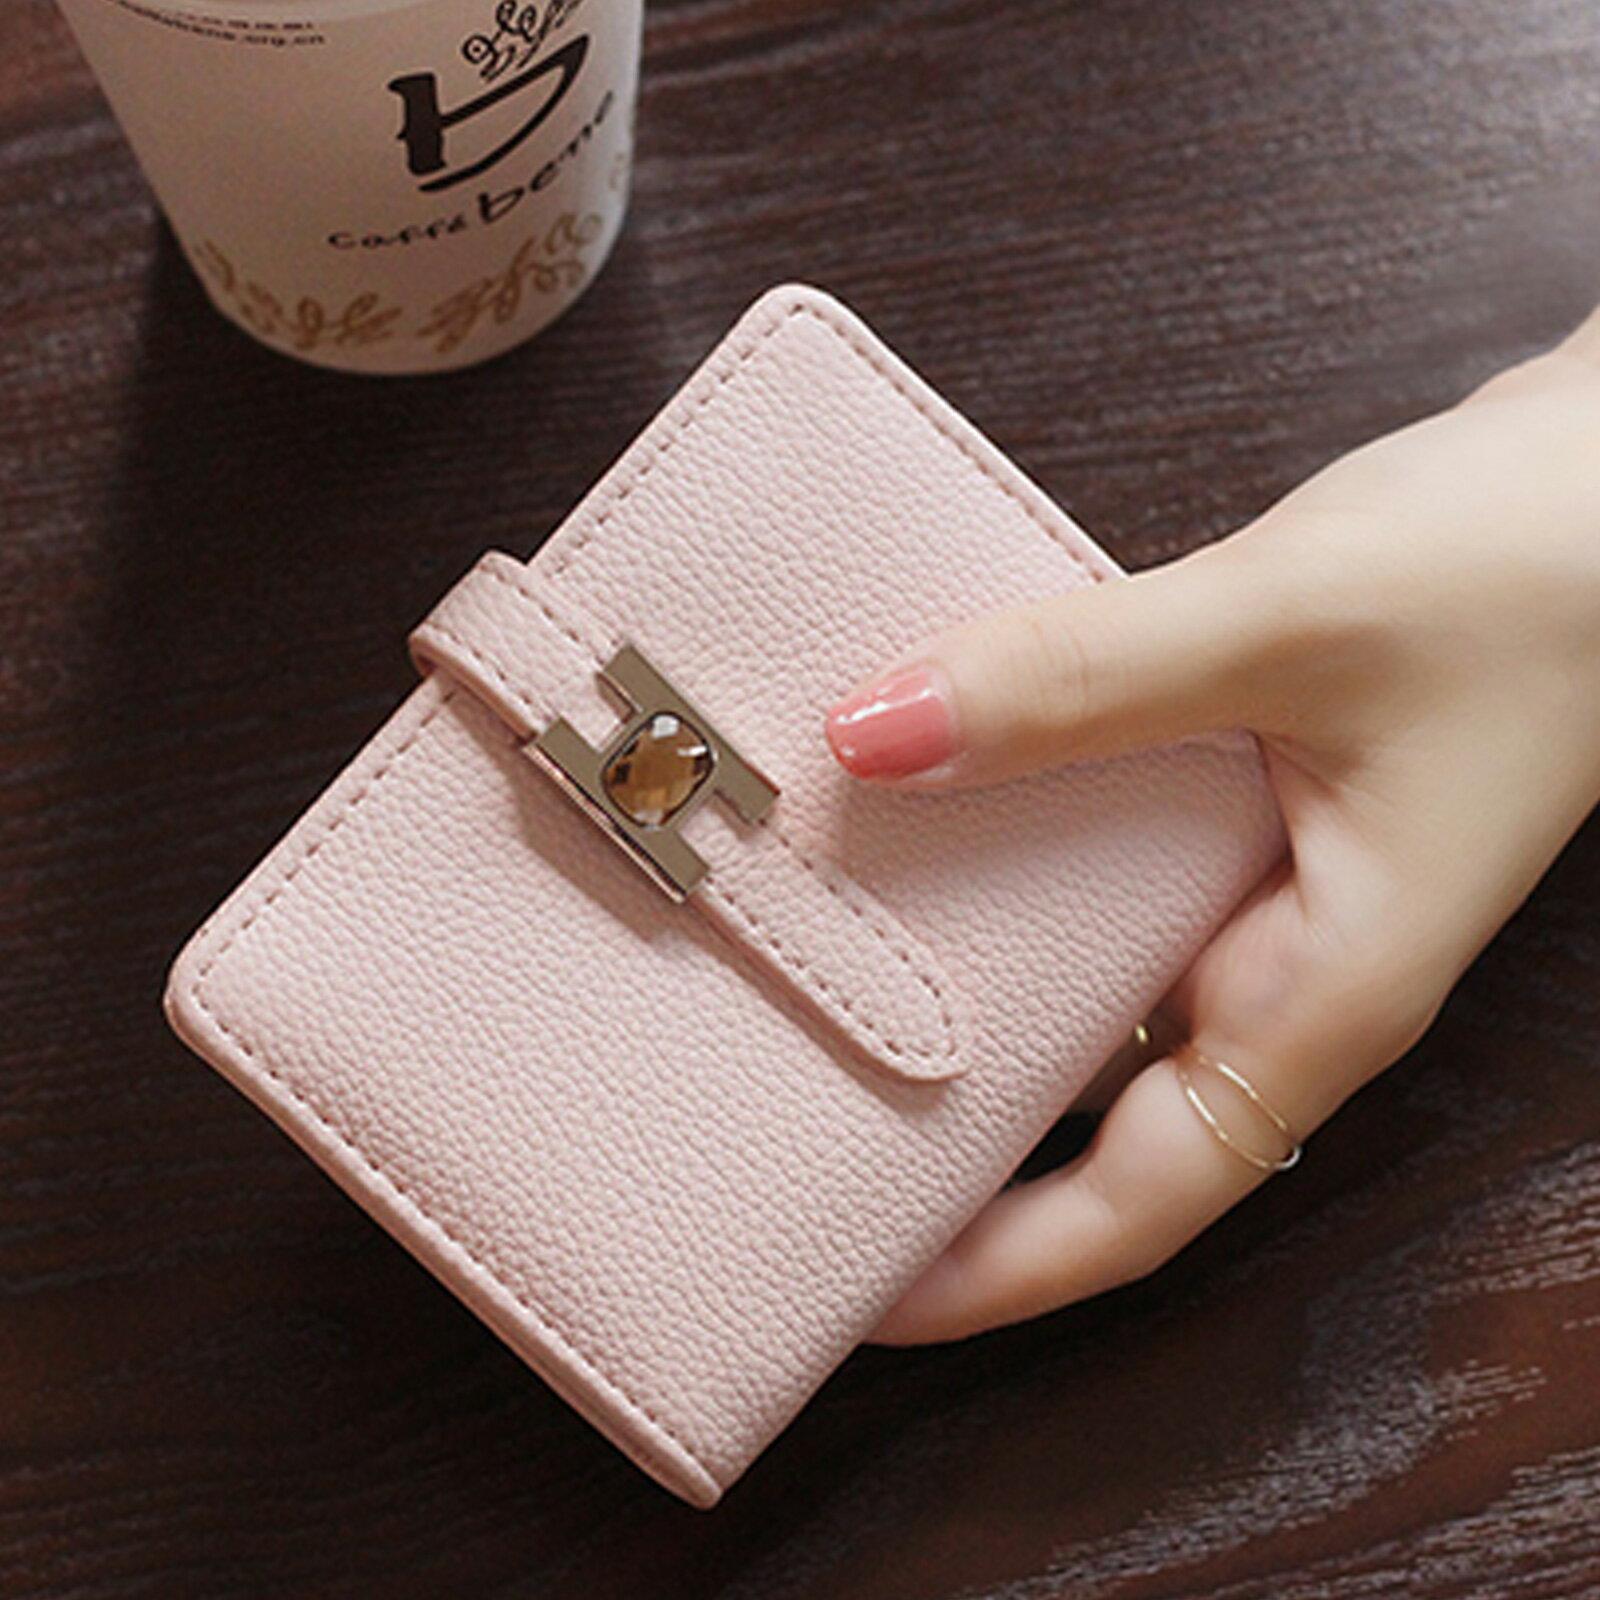 皮夾 錢包 超薄扣式短款錢包短夾【O3219】☆雙兒網☆ 2